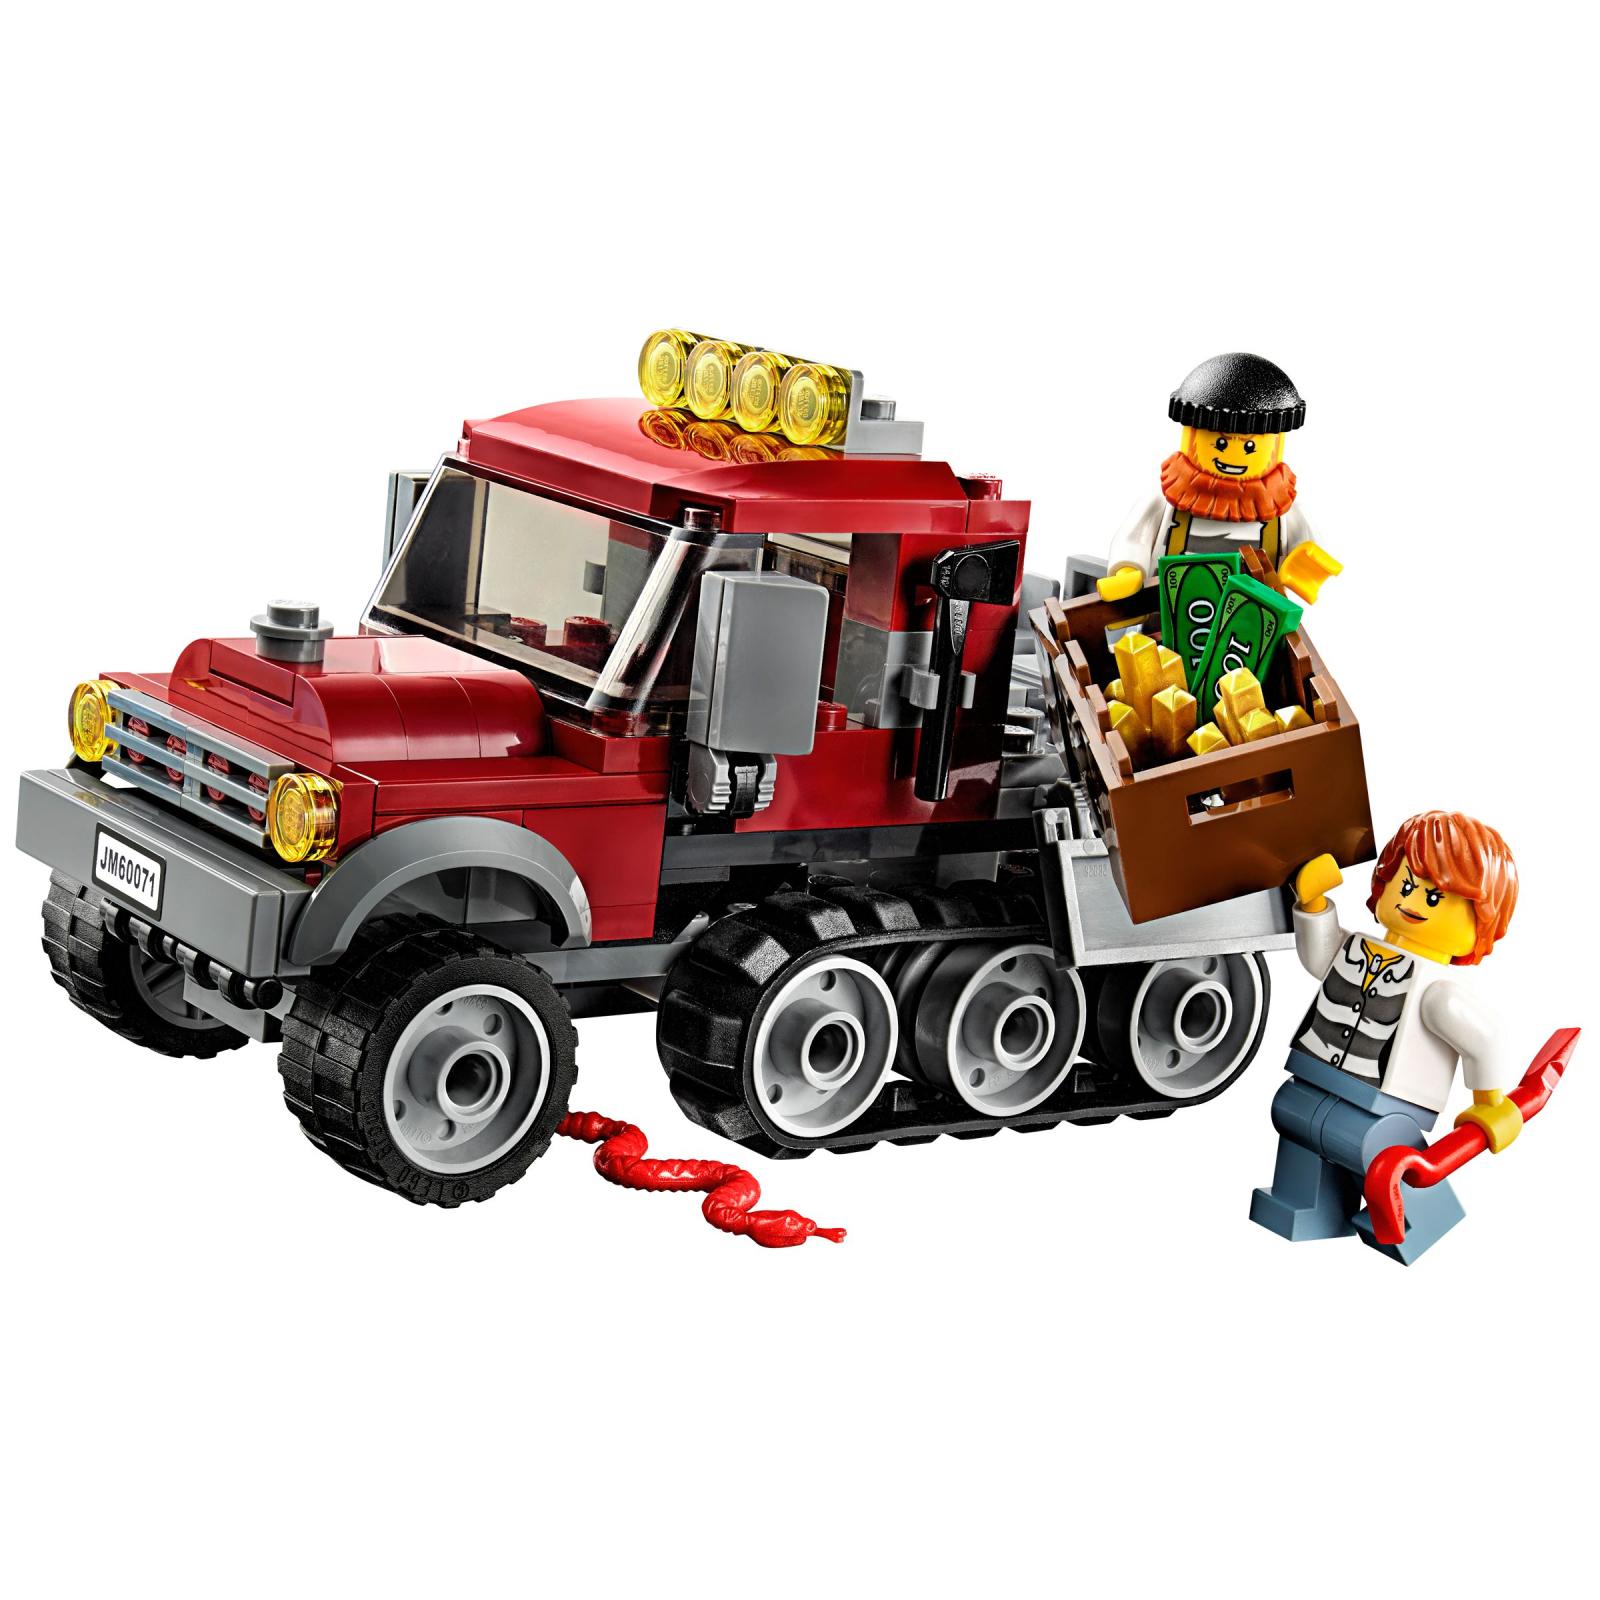 Конструктор LEGO City Полицейский корабль на воздушной подушке (60071) изображение 4